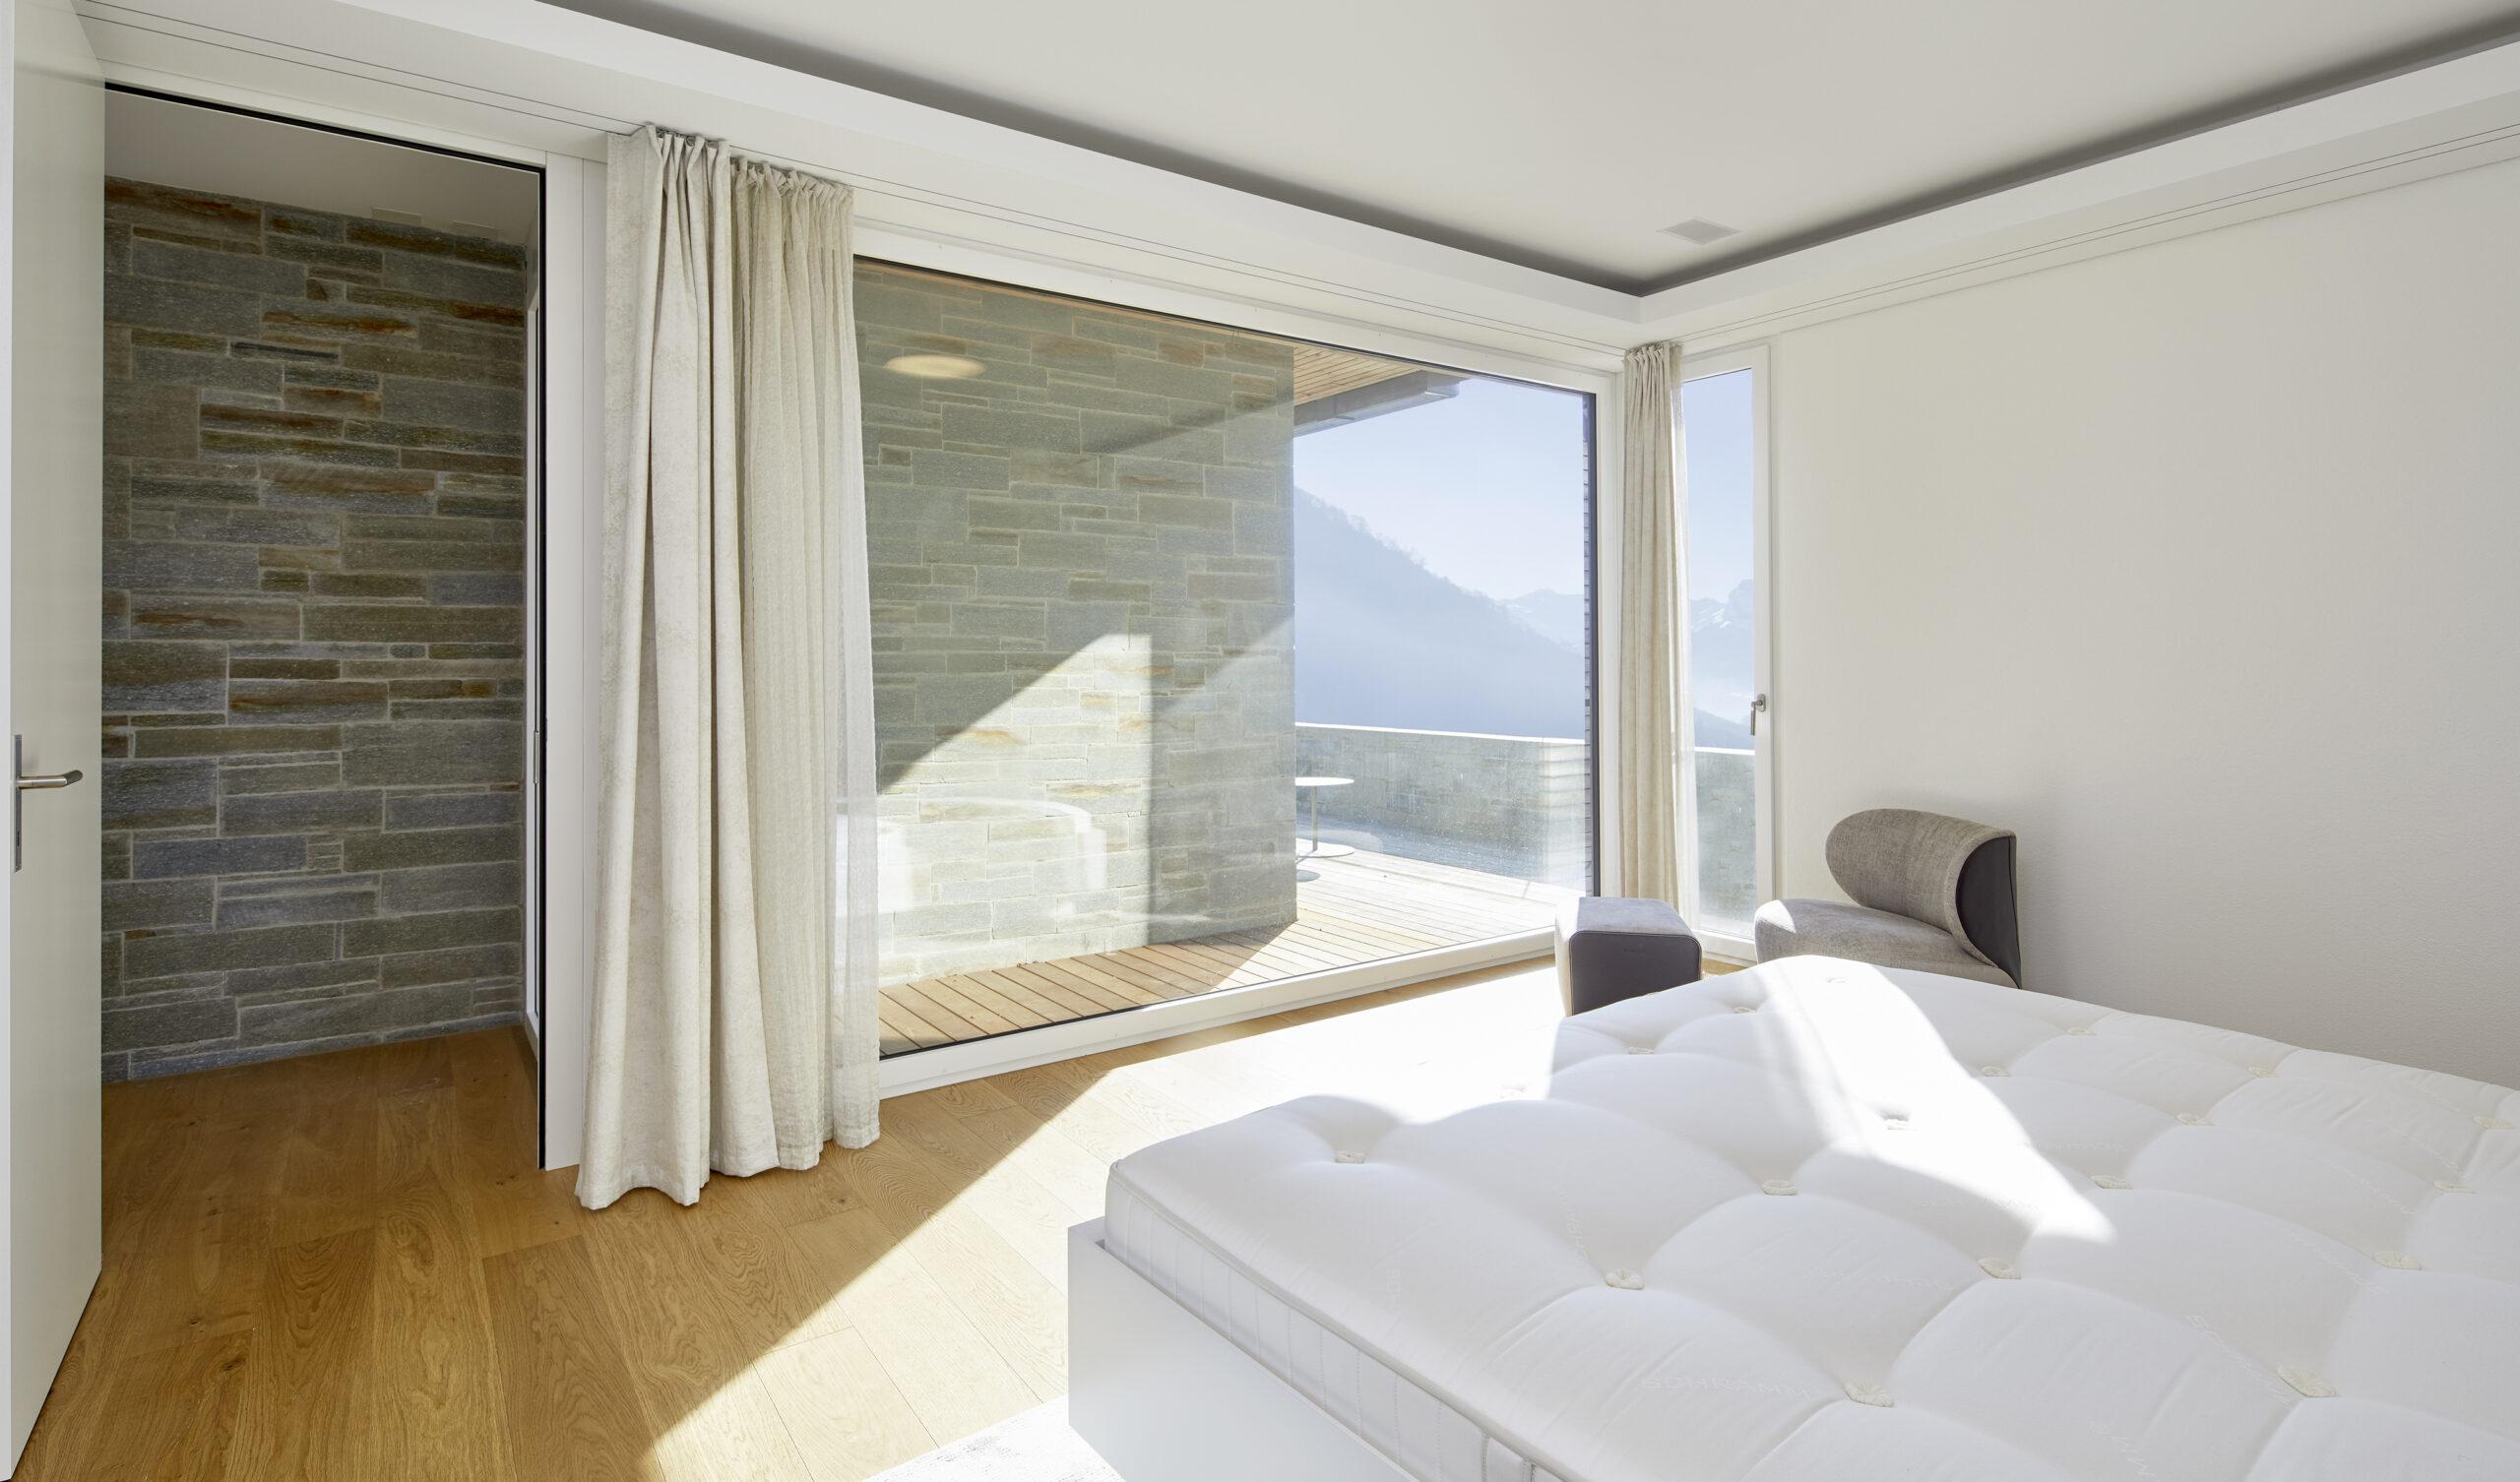 Hochwertige Terrassenwohnung mit exklusivem Innenausbau und Panoramablick